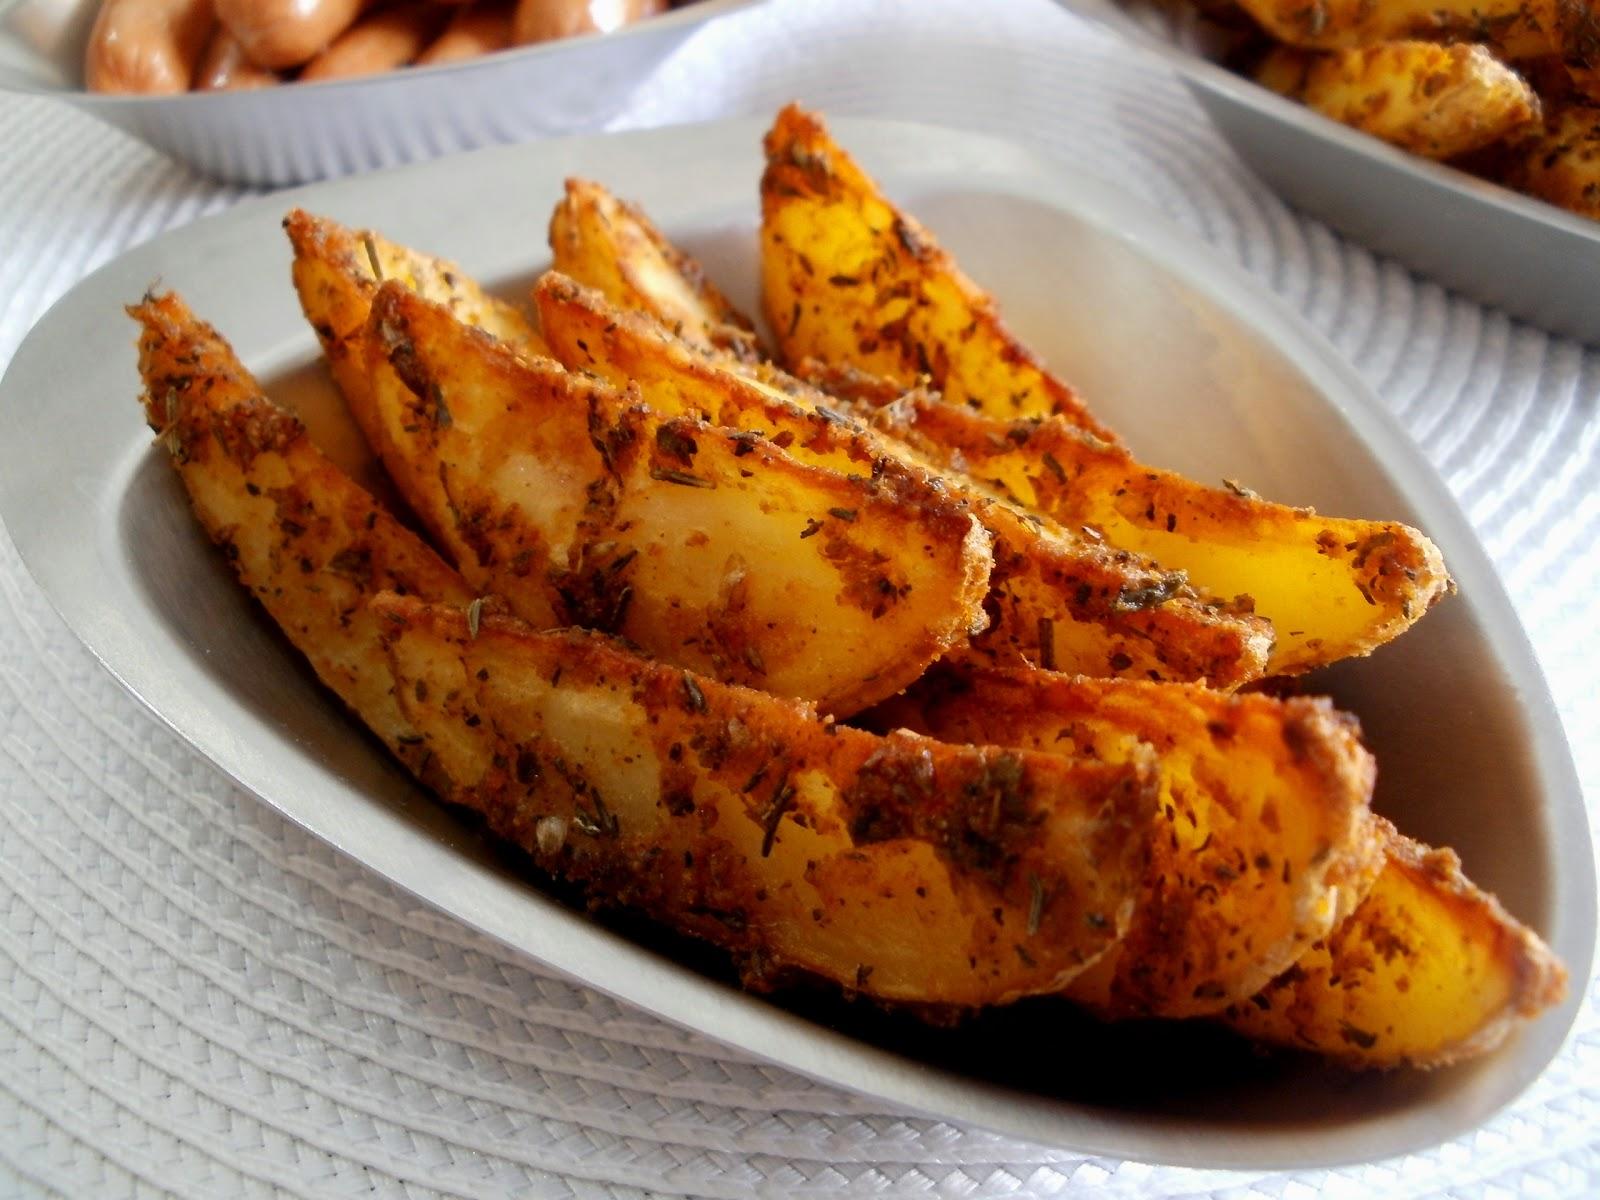 Los antojos de clara gajos de patatas especiadas al horno - Patatas pequenas al horno ...